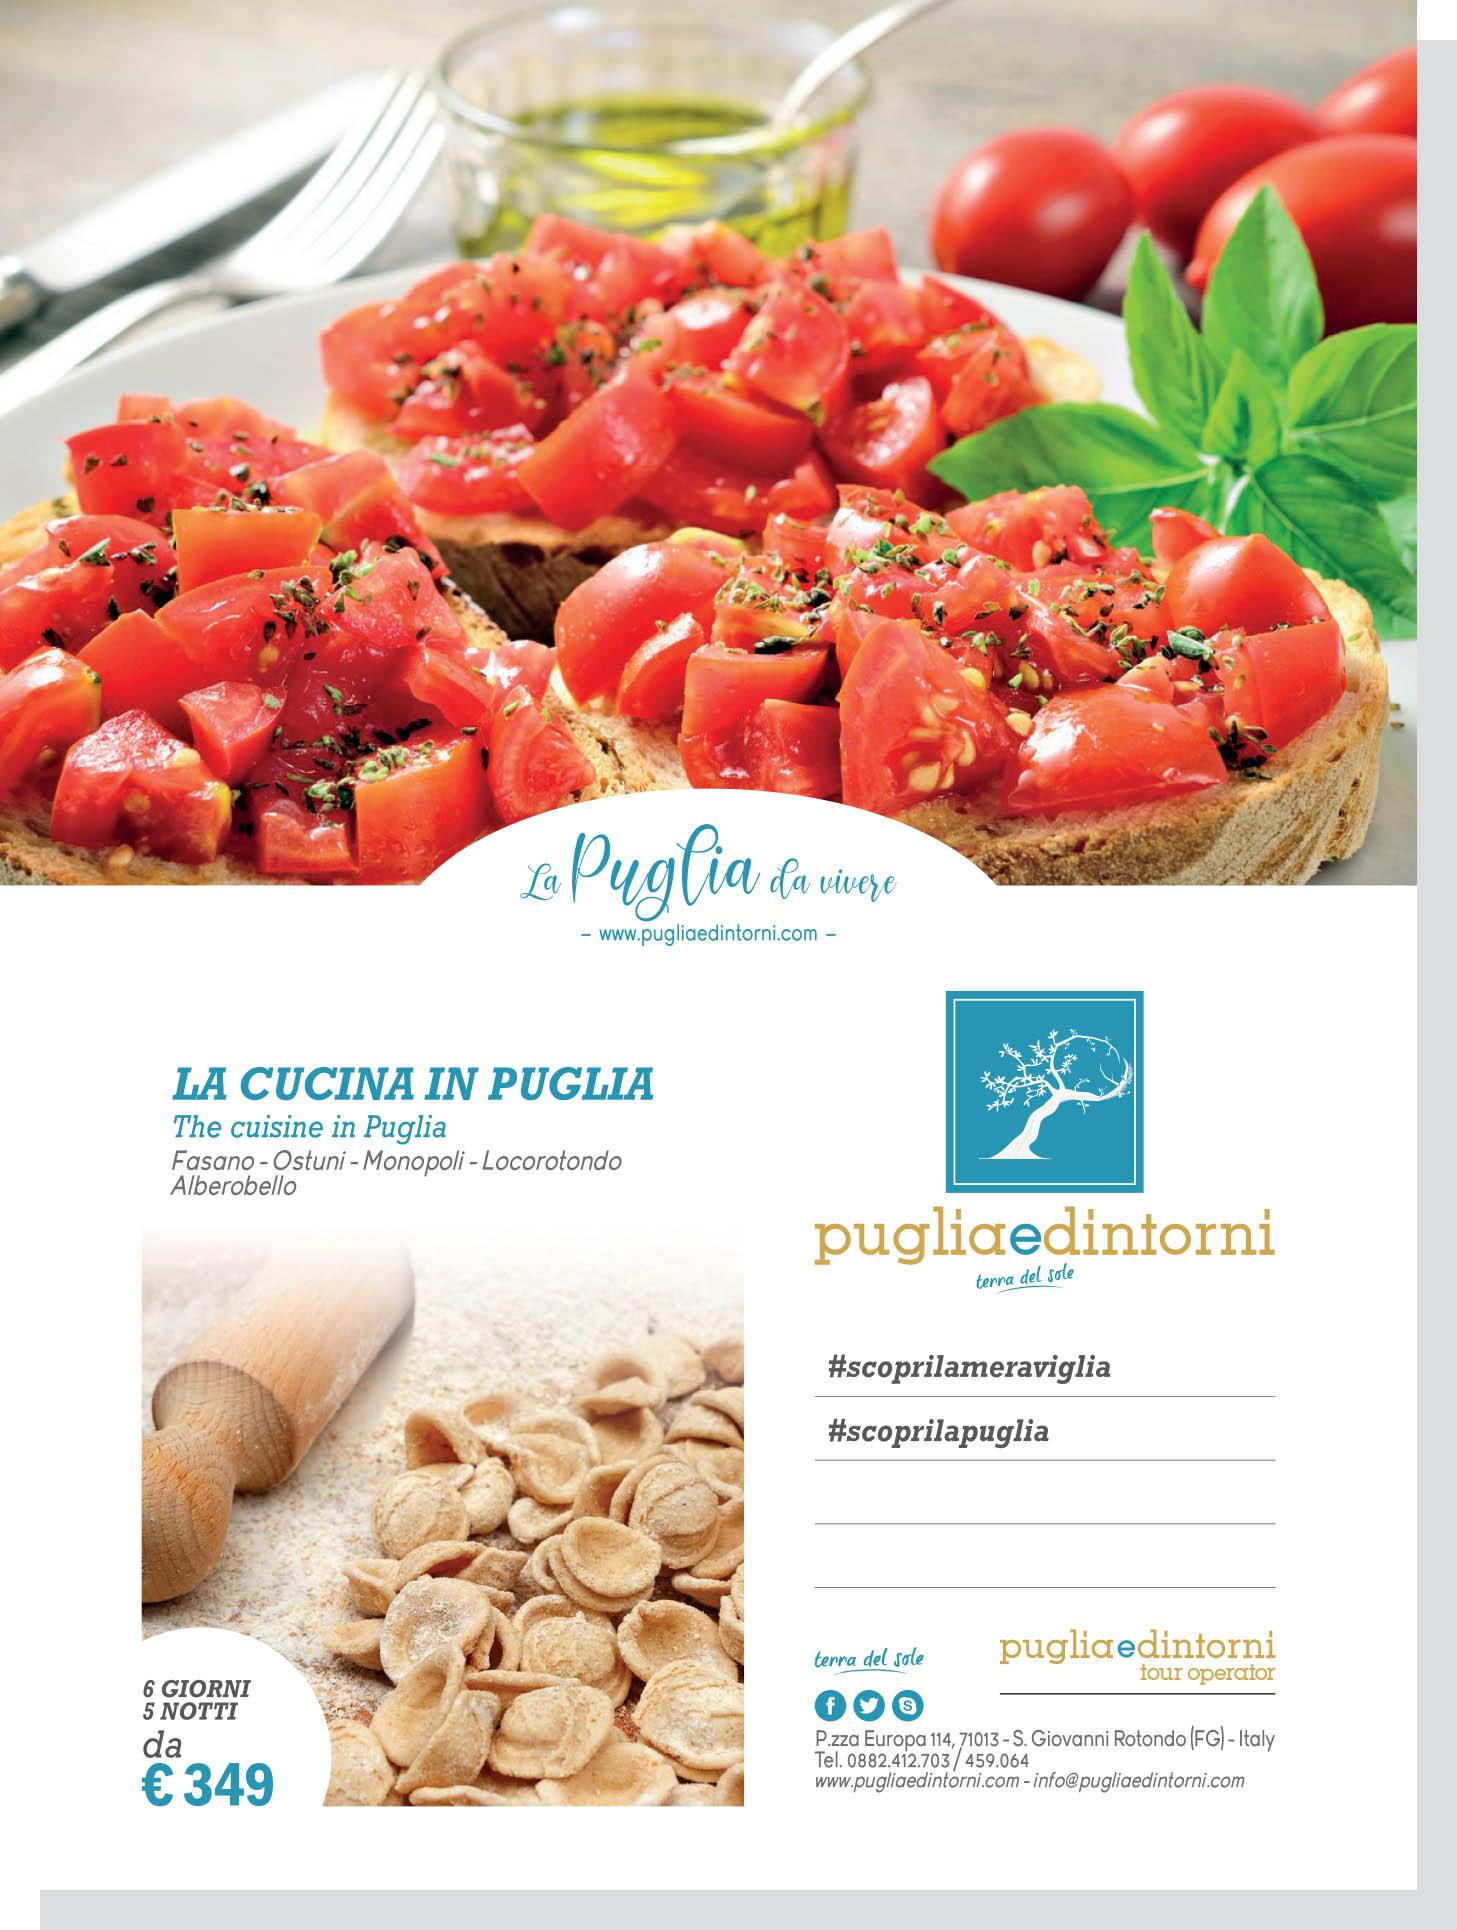 La Cucina in Puglia - Pugliaedintorni